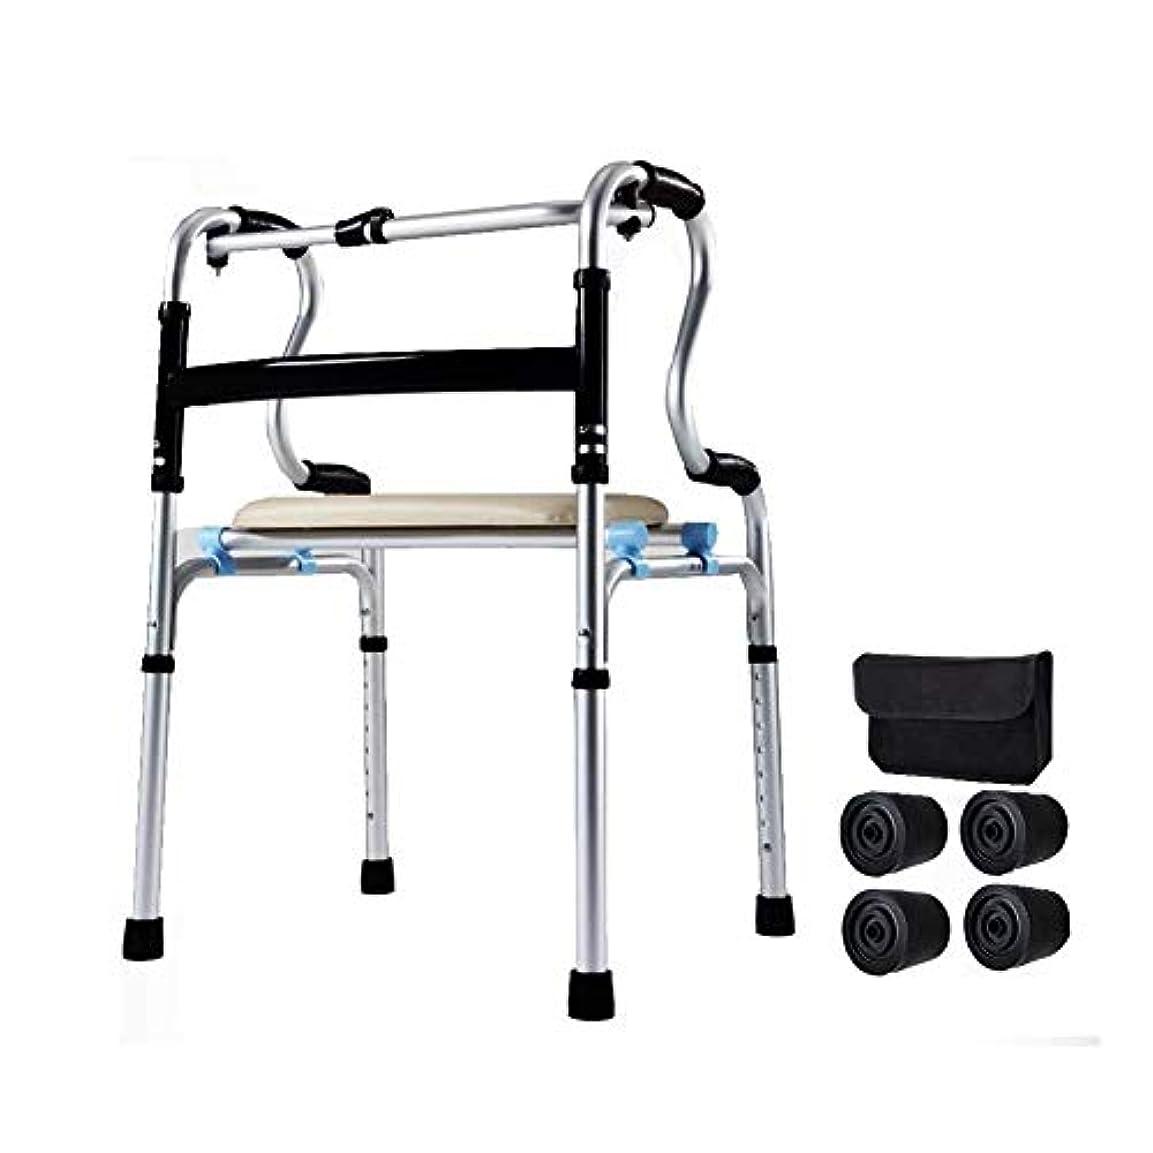 好意花に水をやる高齢者折り畳み式歩行器、肘掛けパッドと車輪で調整可能高齢者はスムーズで清掃が簡単+シート+バッグ